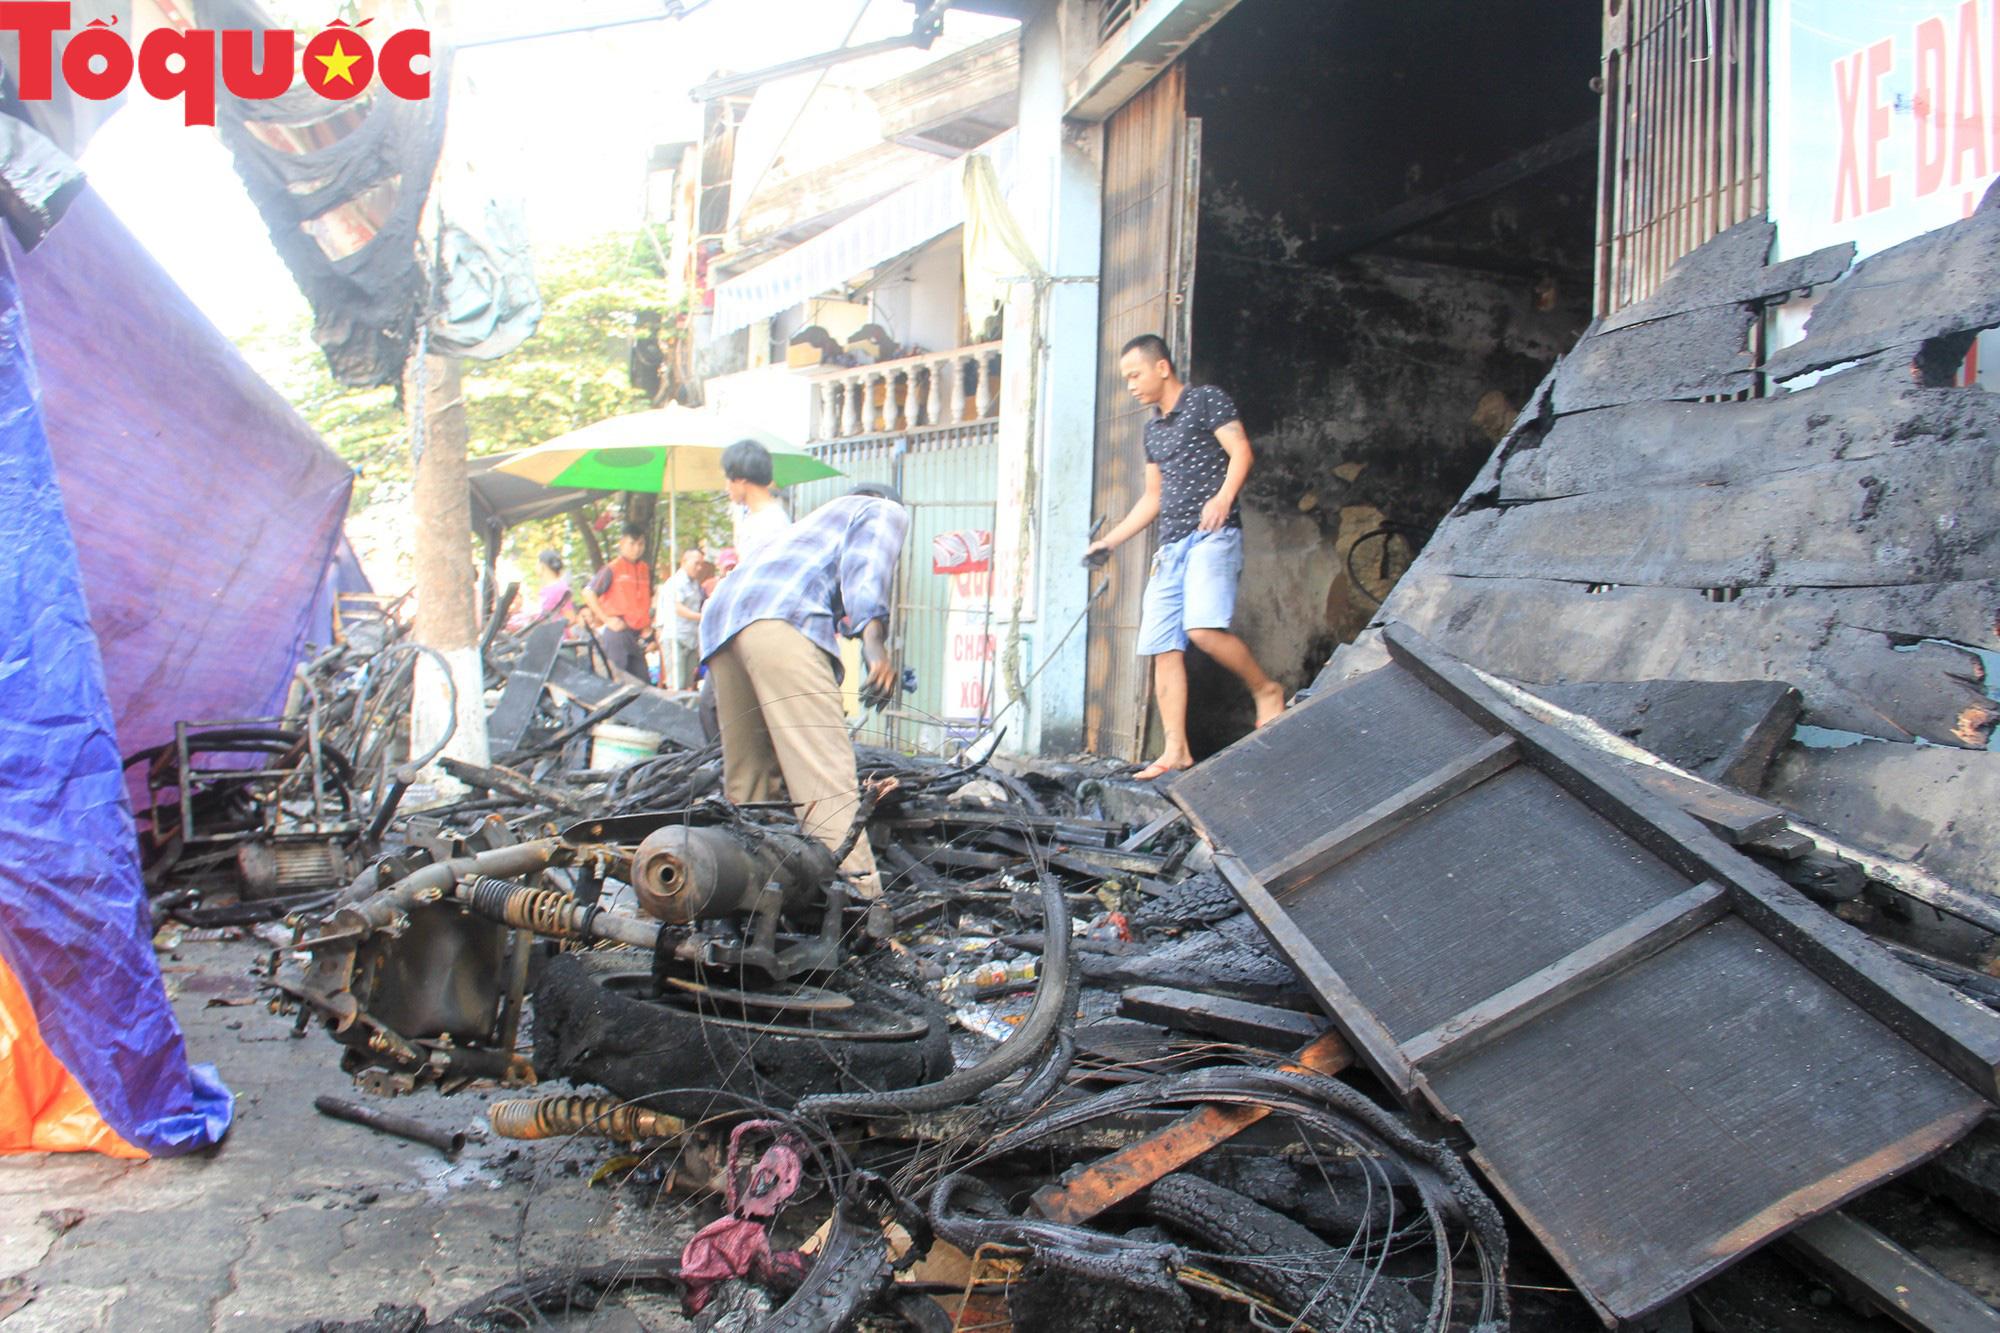 Hình ảnh hiện trường vụ hỏa hoạn khiến 3 người trong một gia đình tử vong thương tâm - Ảnh 3.